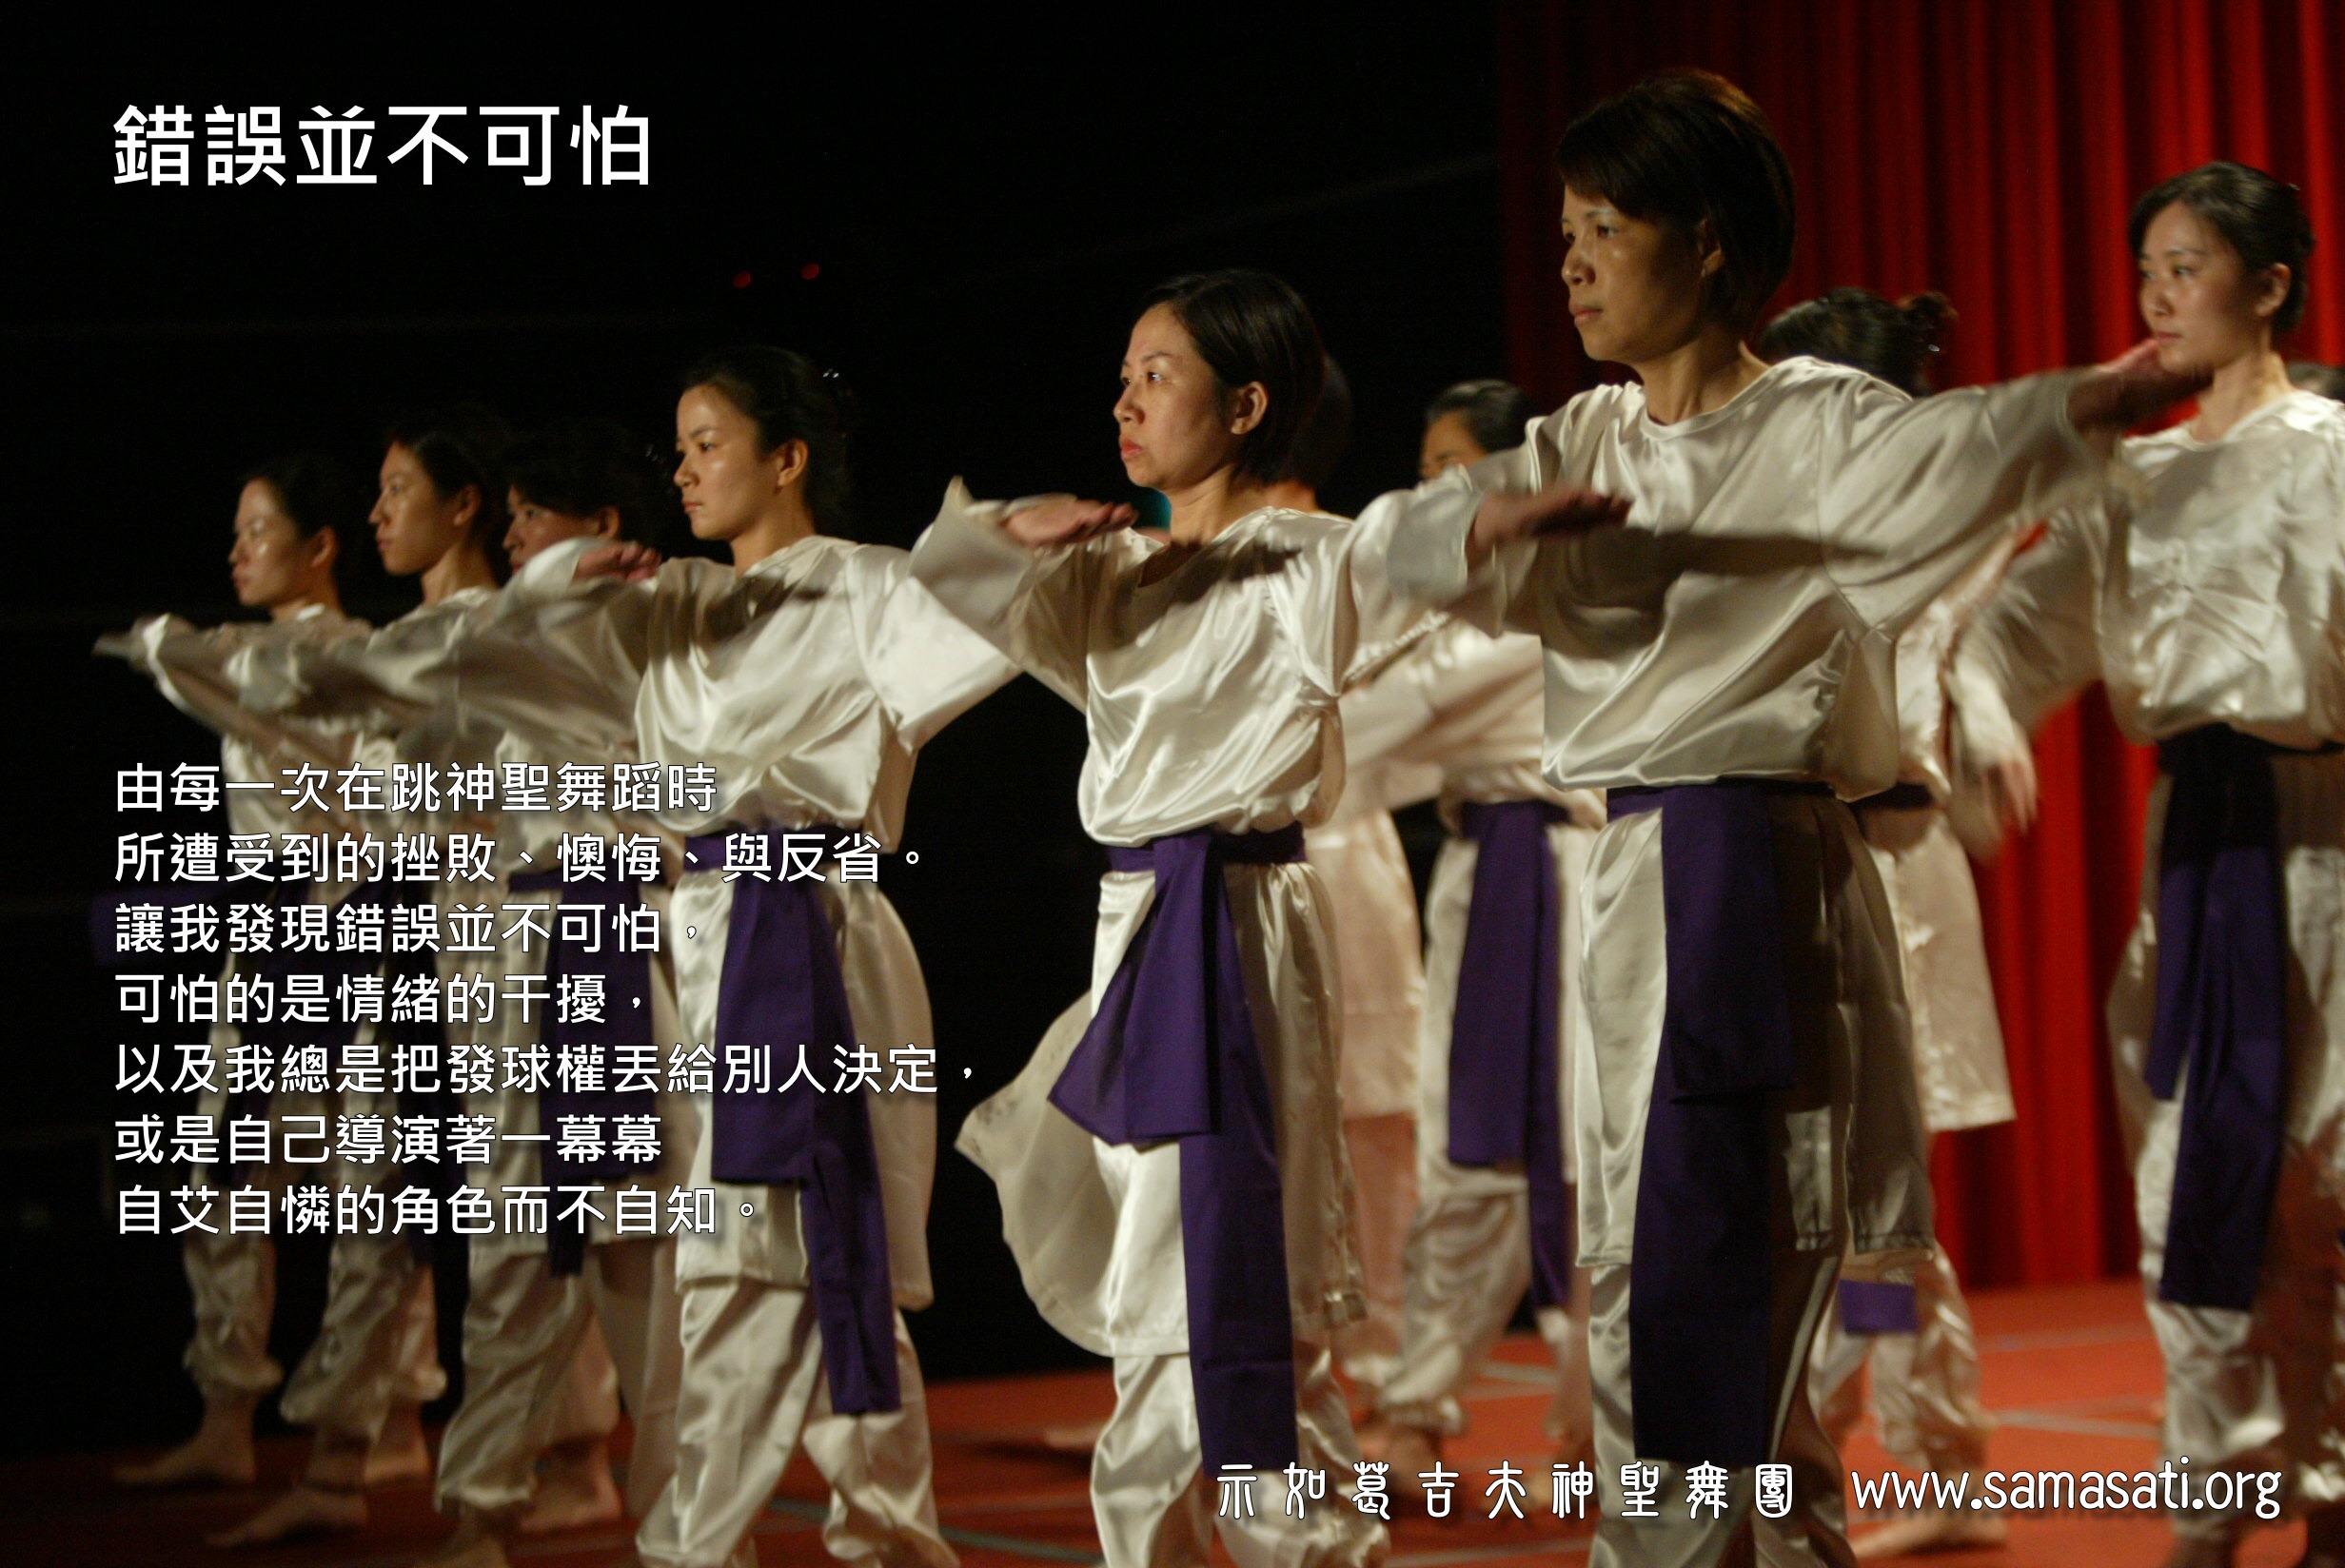 神聖舞蹈示範